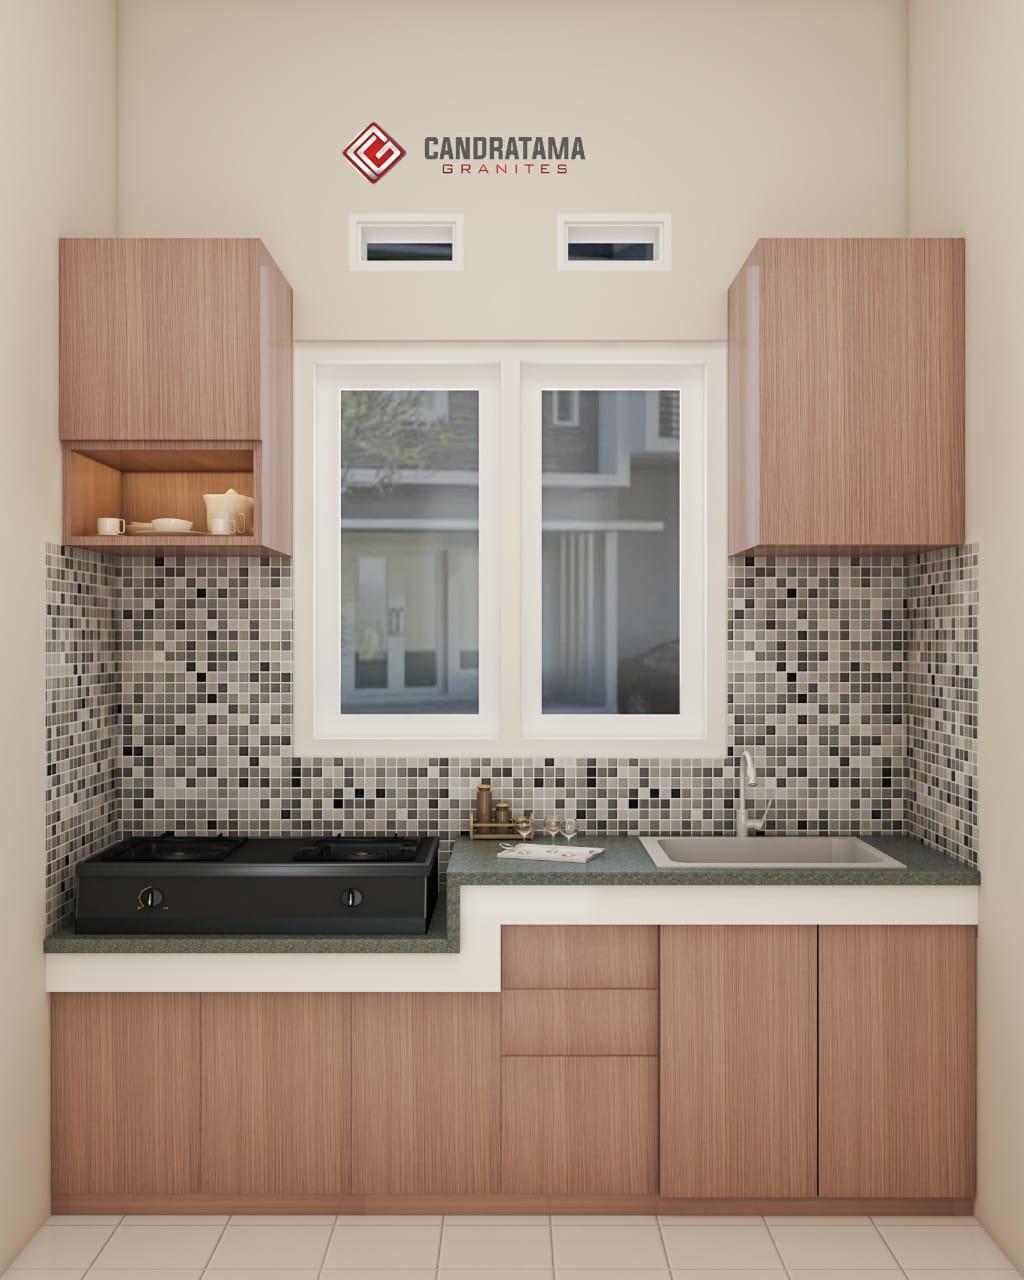 kitchen set murah Candratam Granites